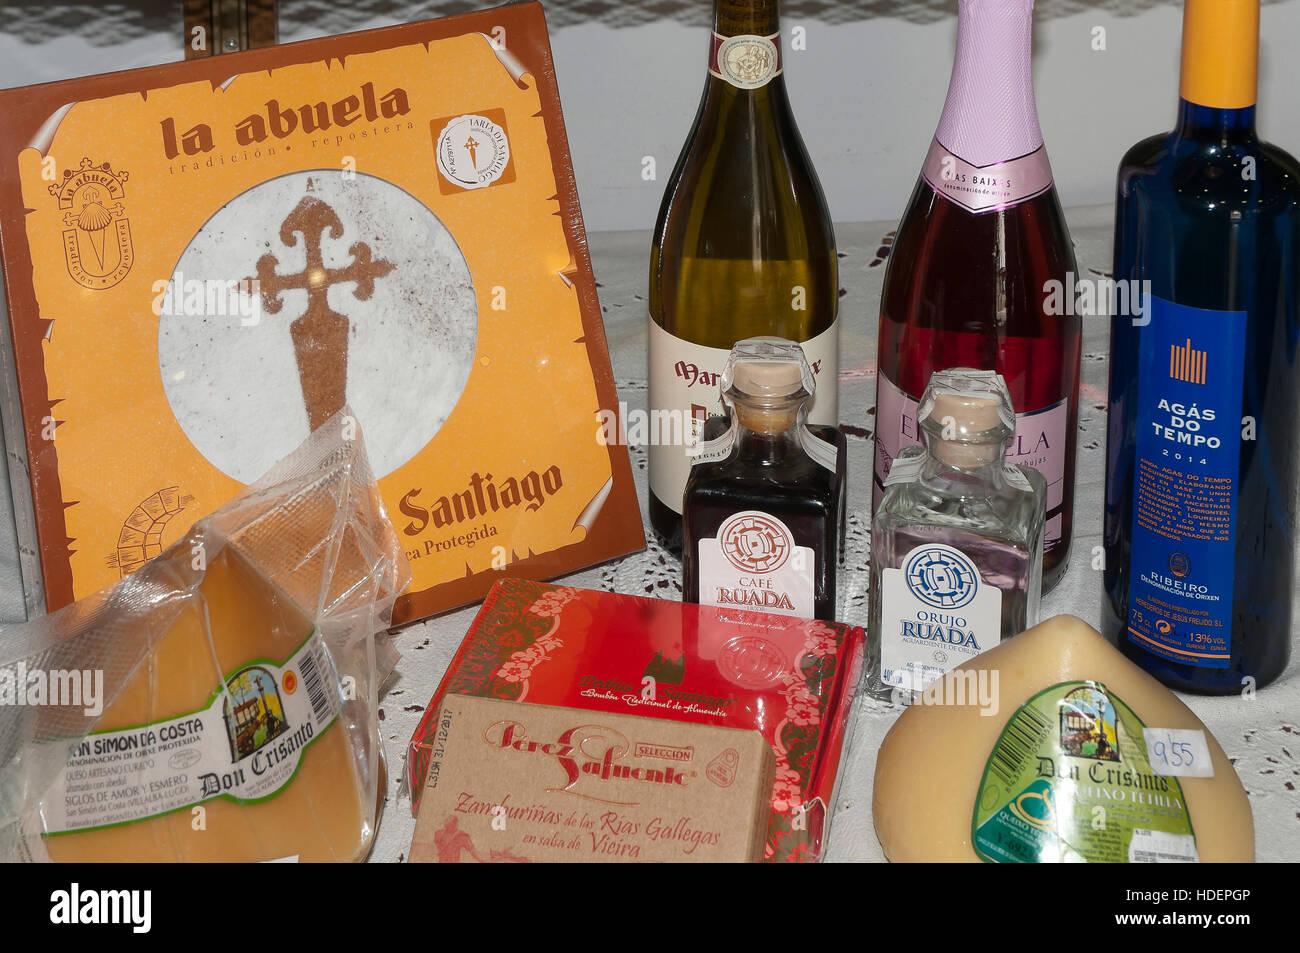 Typical galician products, Santiago de Compostela, La Coruña province, Region of Galicia, Spain, Europe Stock Photo